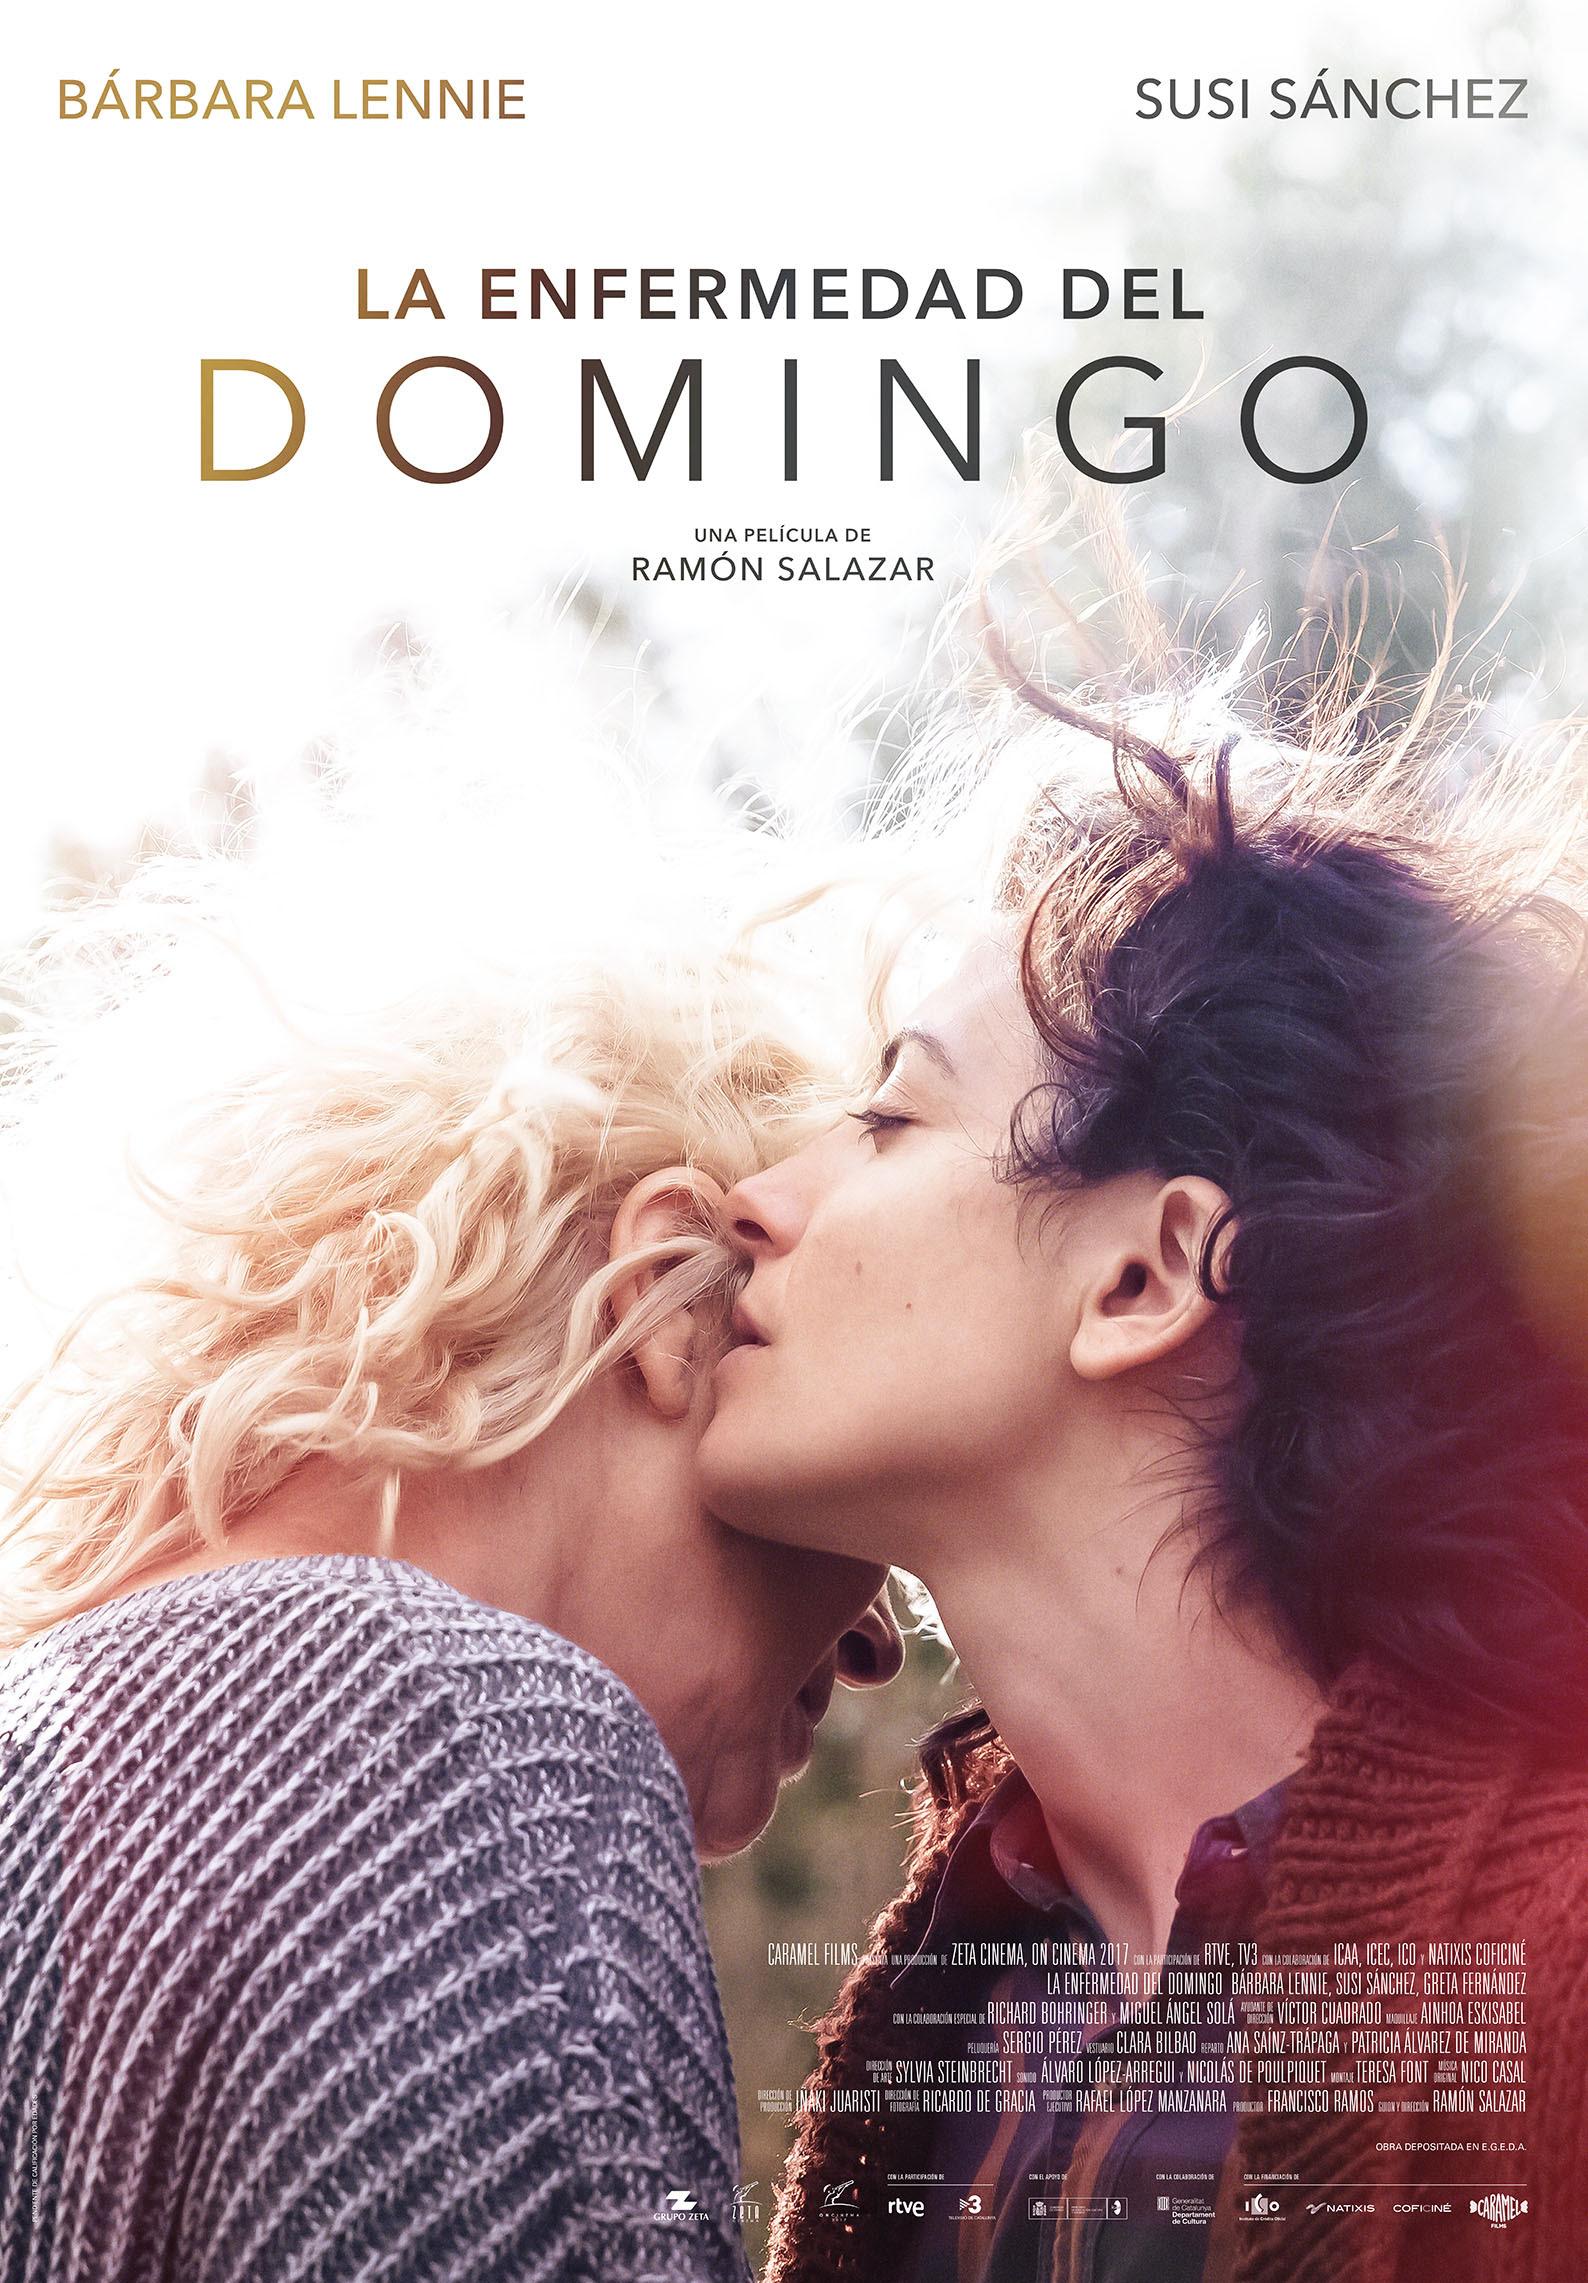 'La enfermedad del domingo': Póster y tráiler de la nueva película de Ramón Salazar